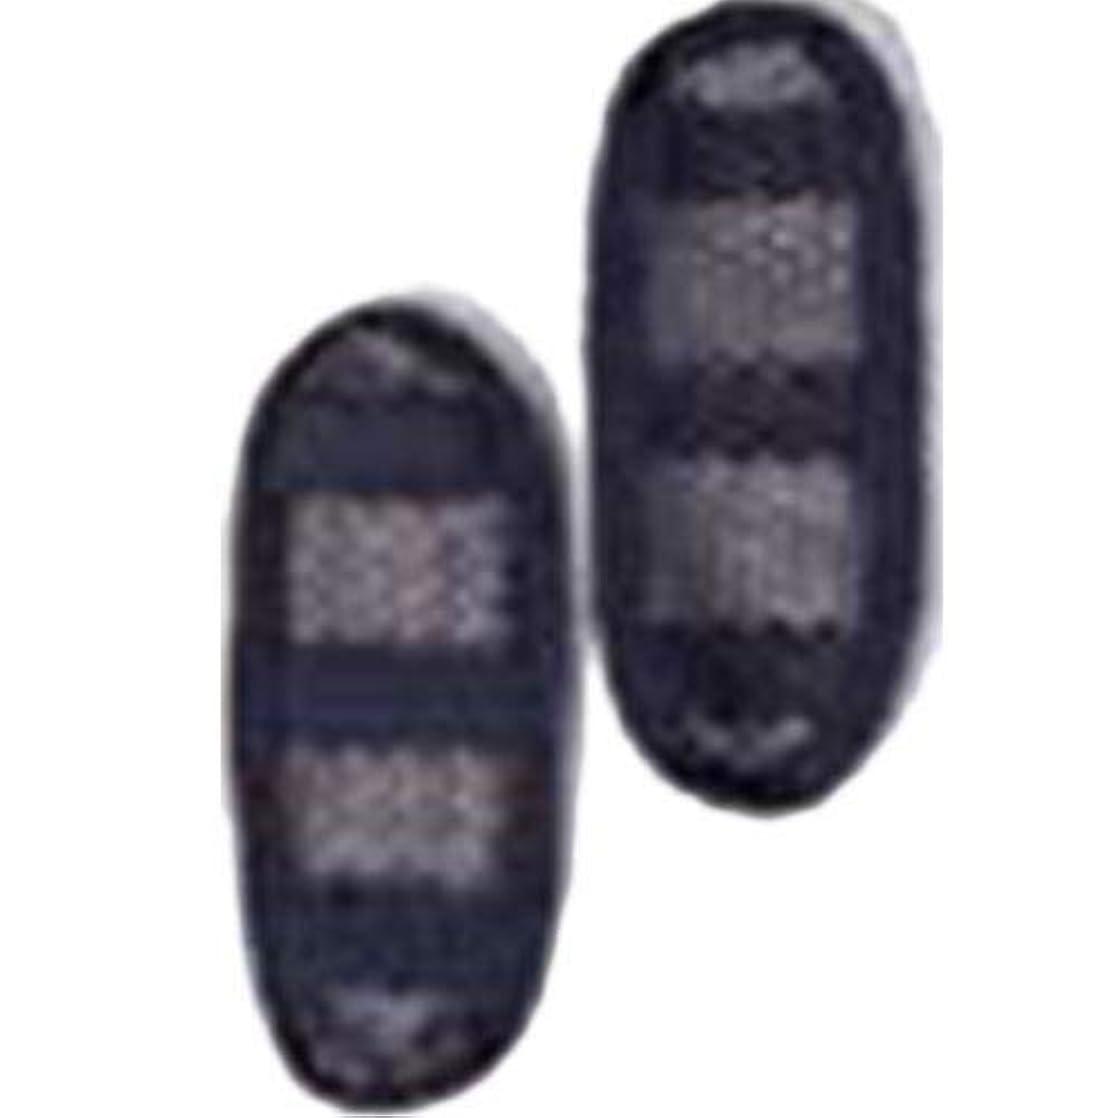 正確さ眠っている侵入するアライテント ハニカムメッシュ製ショルダーパッドセット(2個1組) 201500